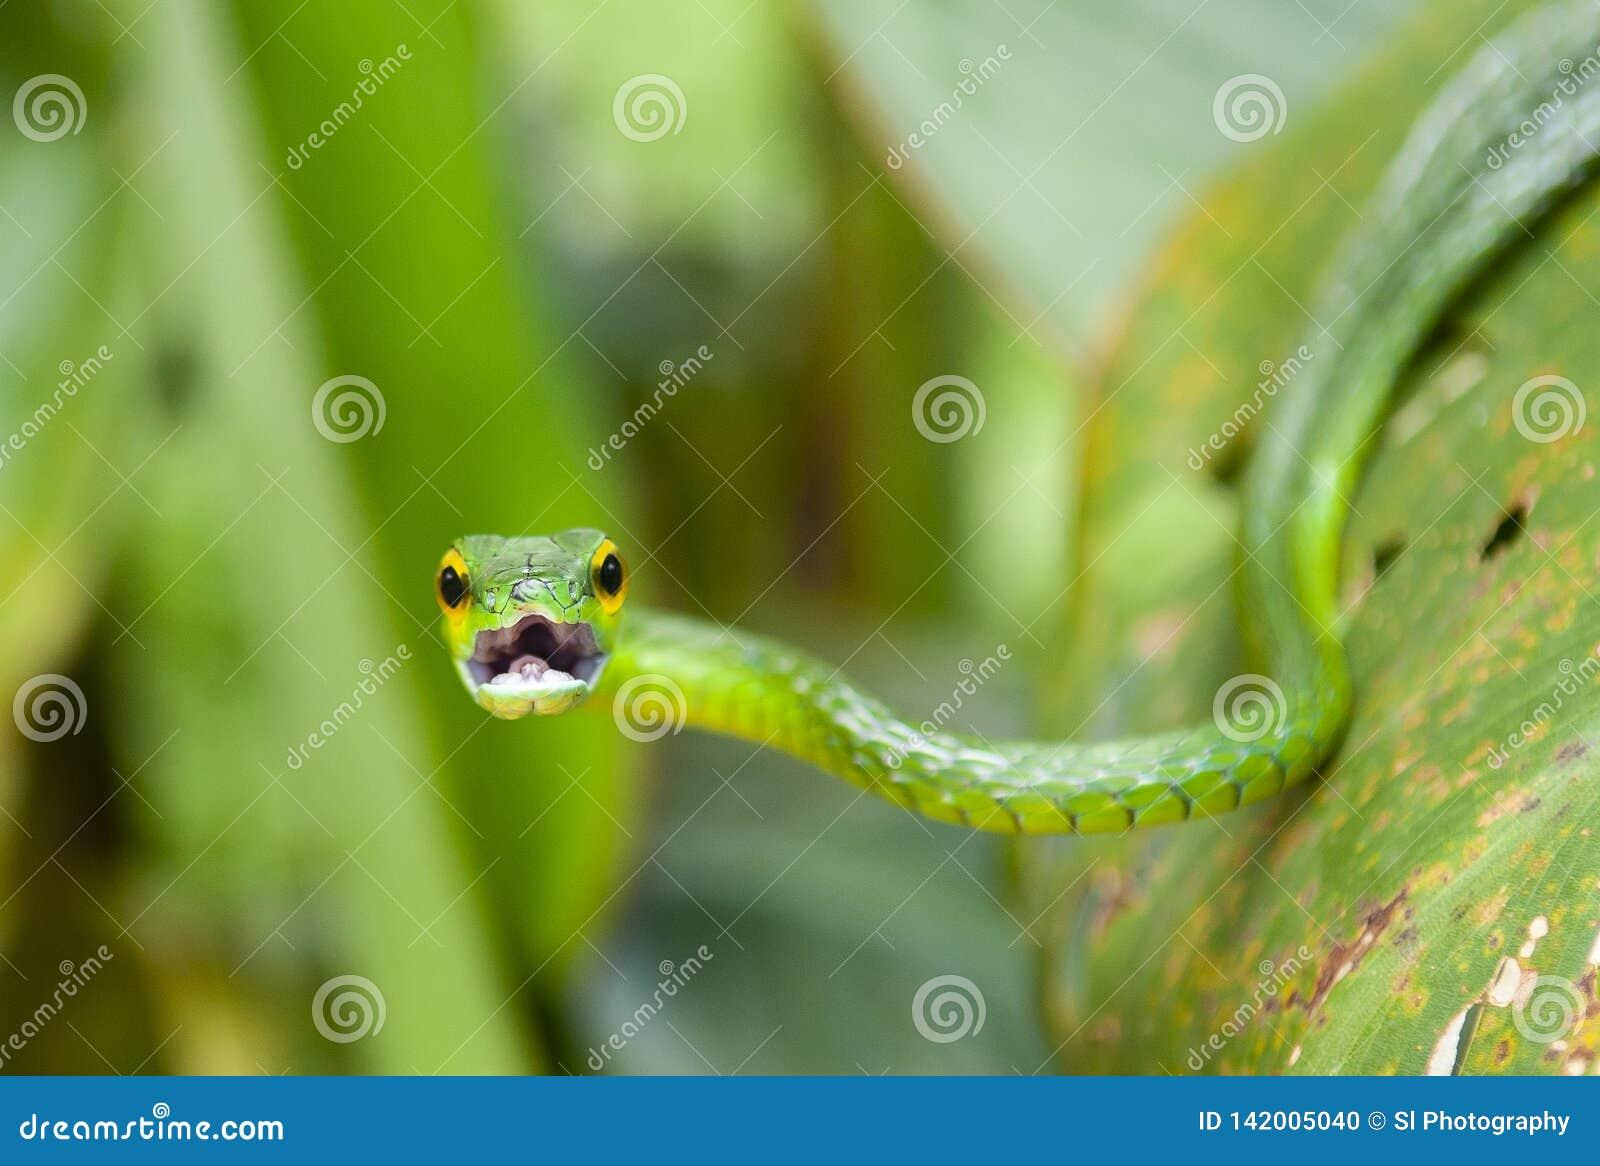 Grüne Rebschlange, Costa Rica